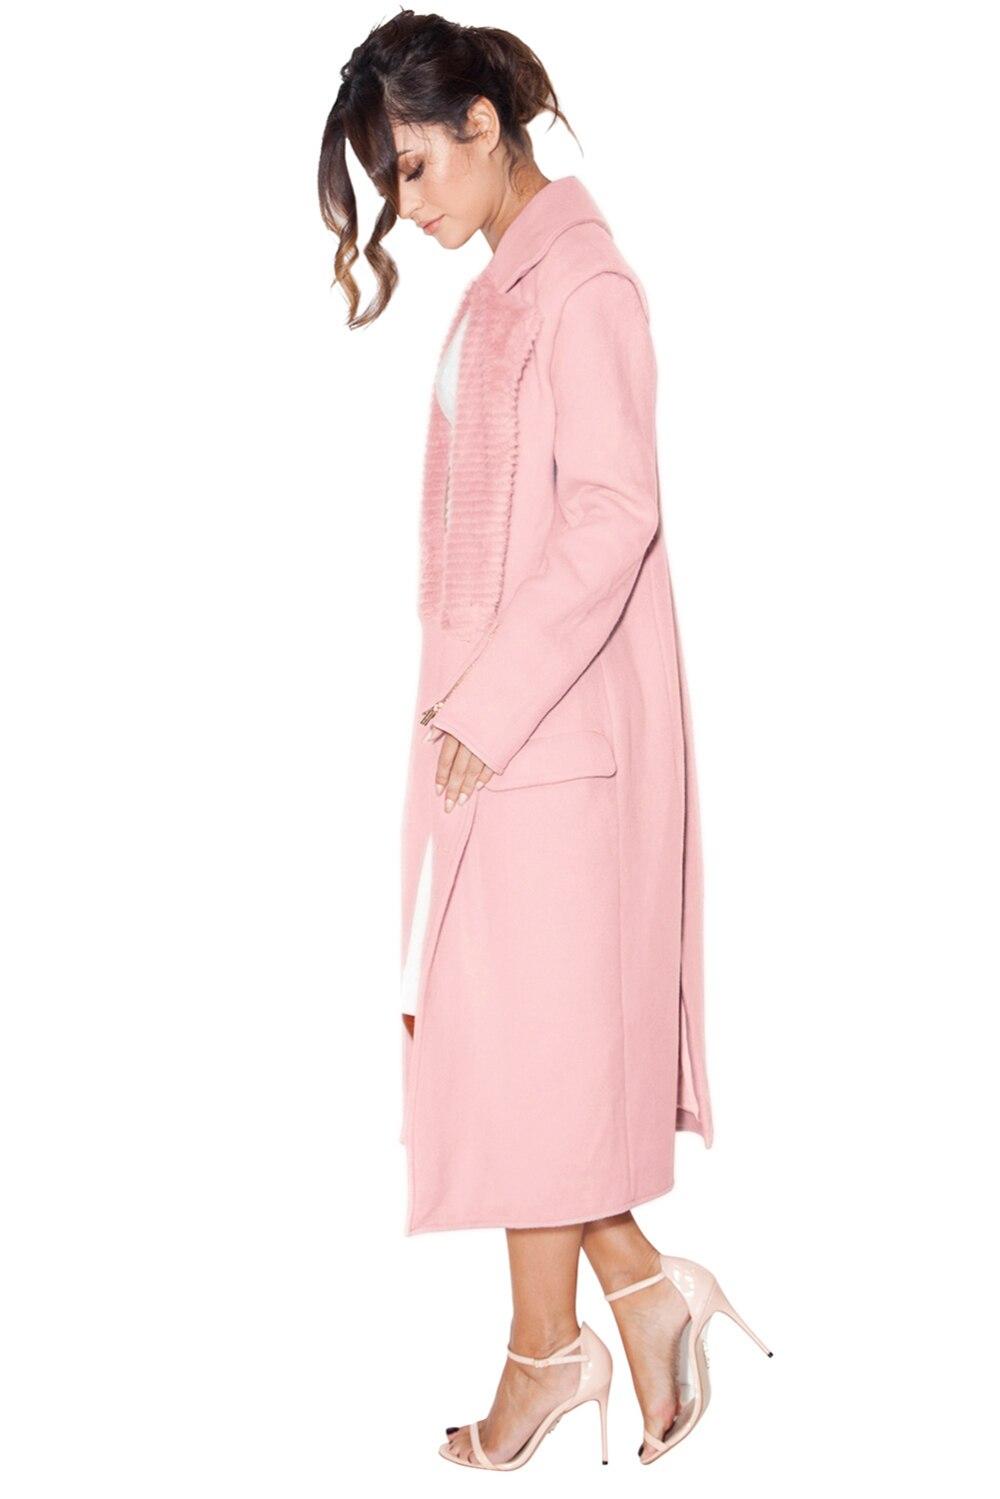 Genou longueur Partie Femmes V Elegante Célébrité Moulante Lacée Nouvelle À Manches Robe Col Poches Rose Soirée 2019 De Longues ECtxwRdawq